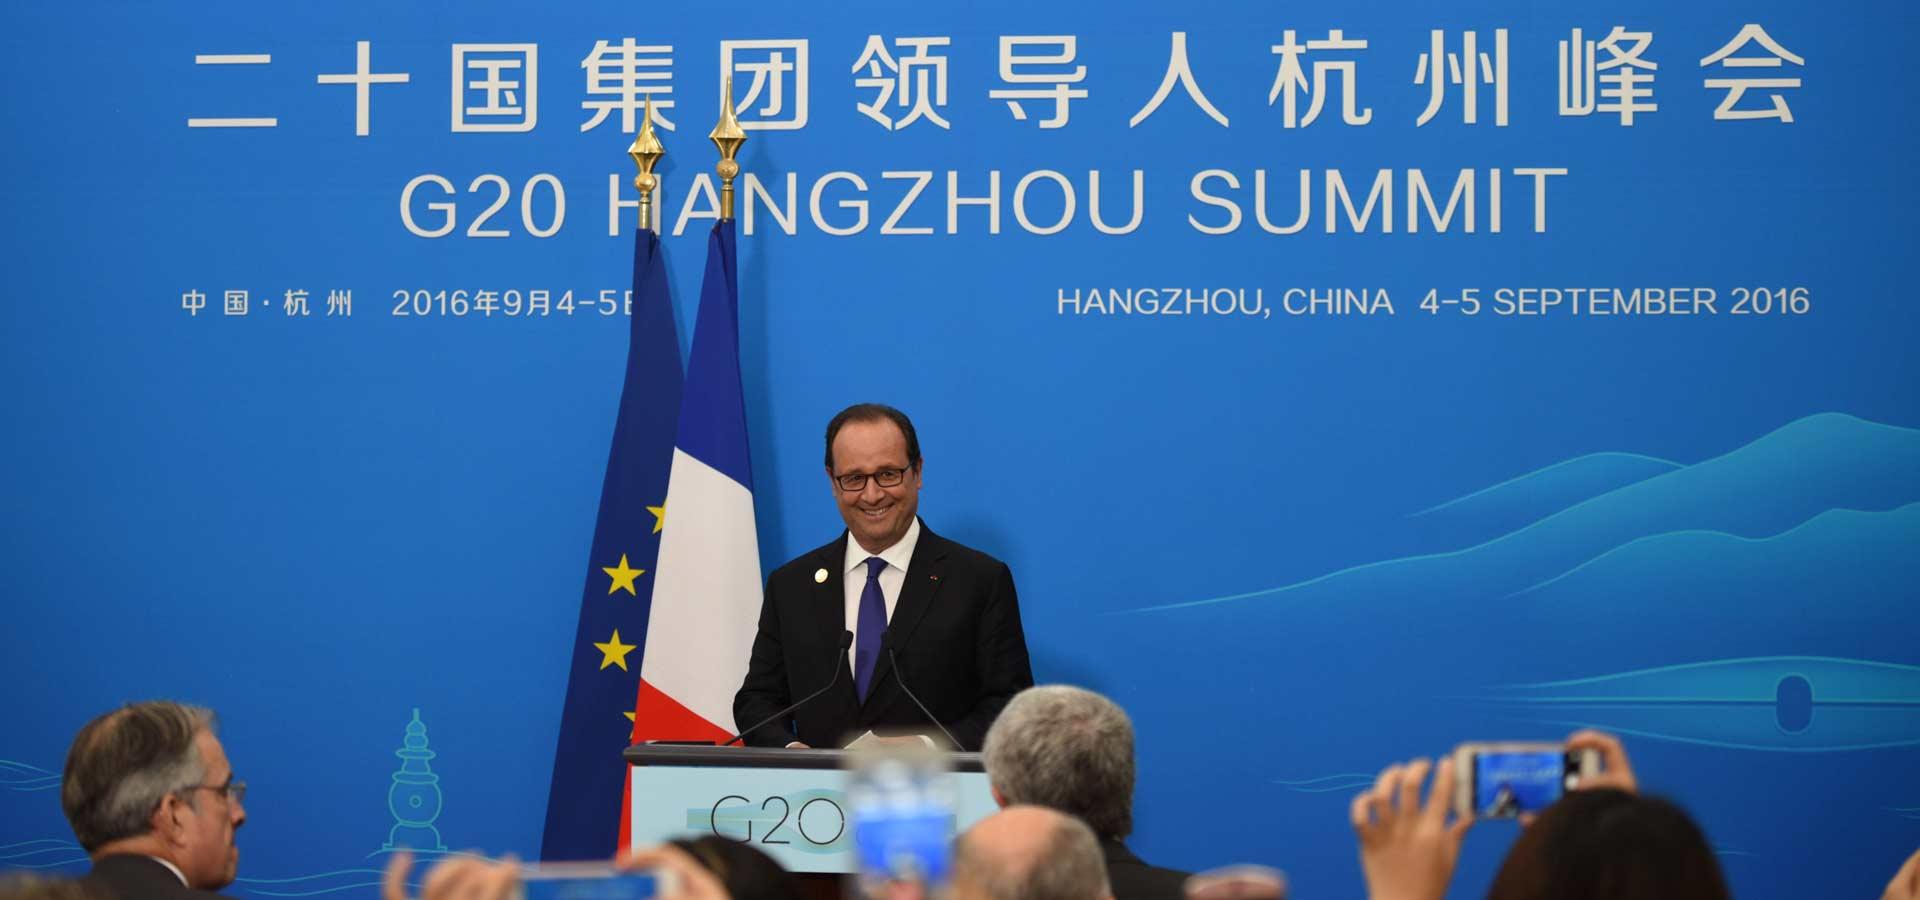 法國總統奧朗德舉行新聞發布會